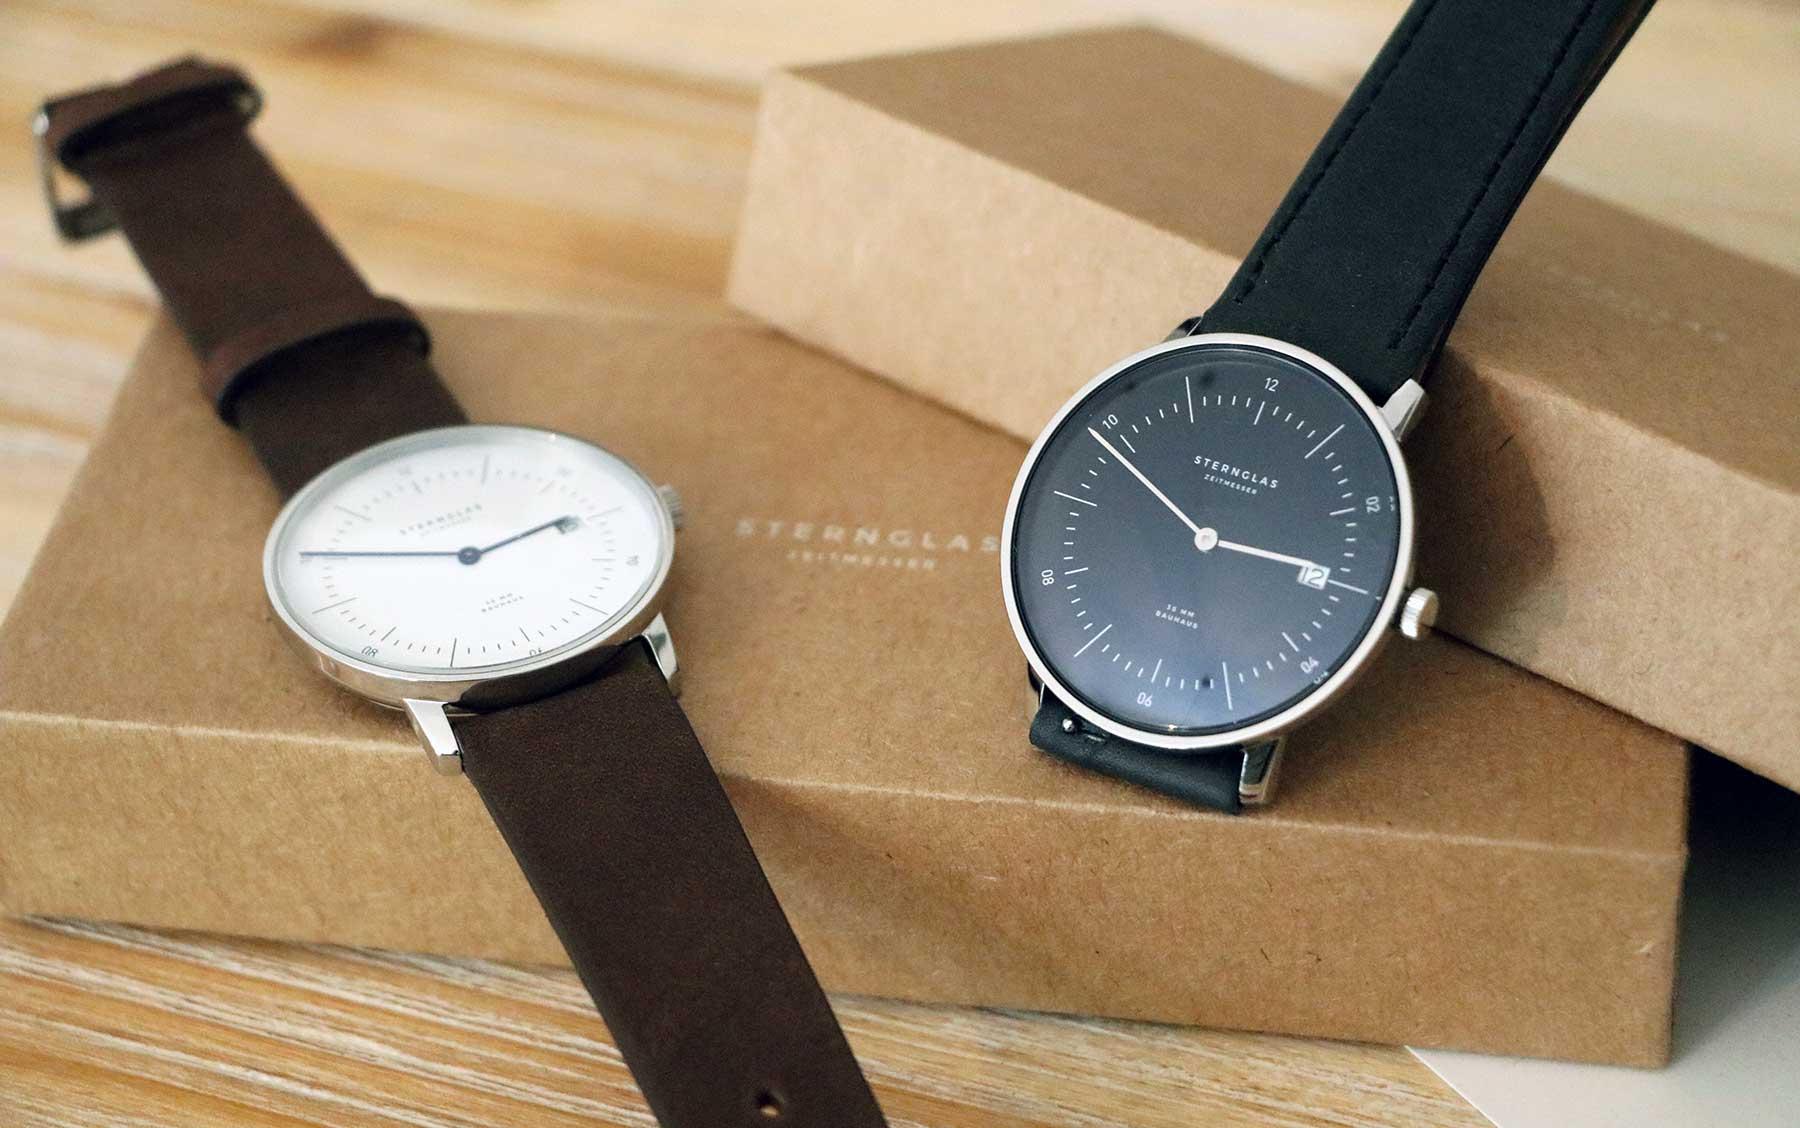 Die neuen Bauhaus-Uhren von STERNGLAS im Test: NAOS